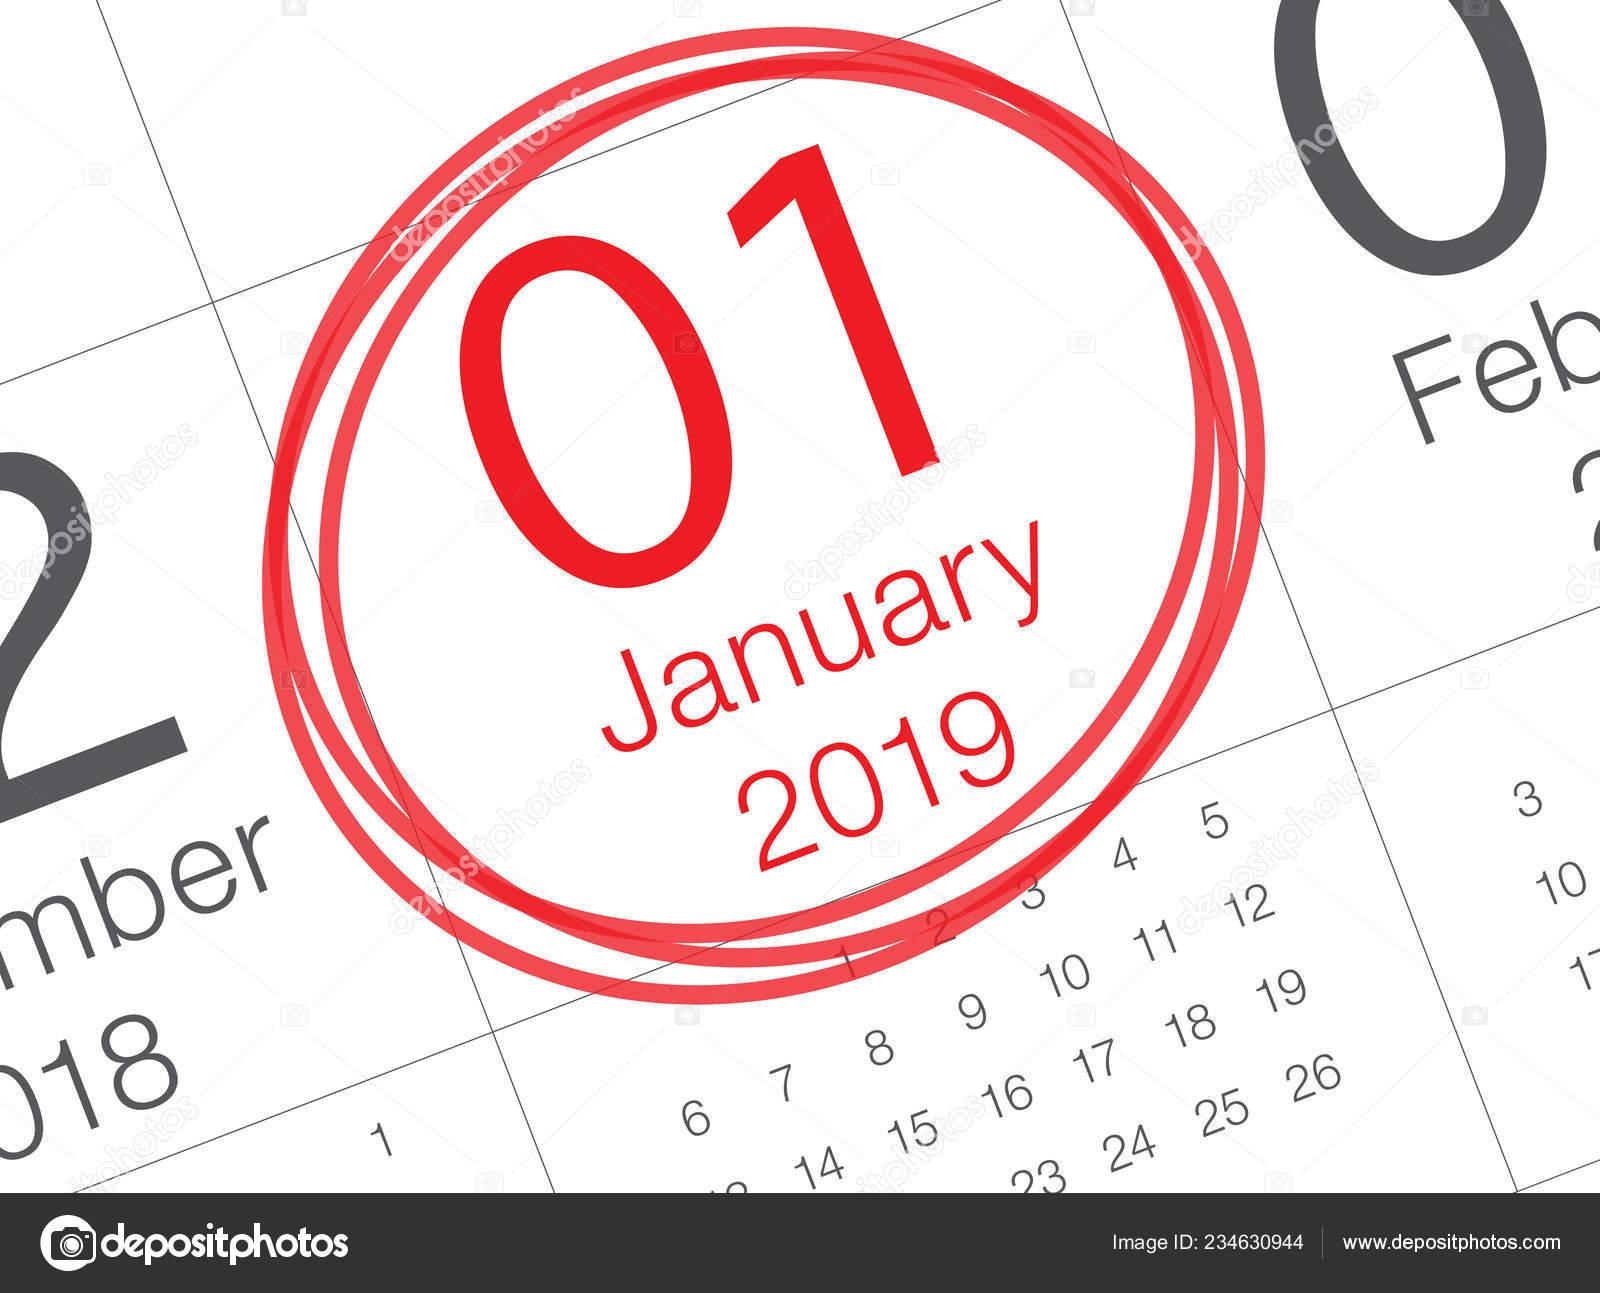 Calendario Gregoriano.Feche Primeiro Dia Ano Calendario Diario 2019 Ano Novo